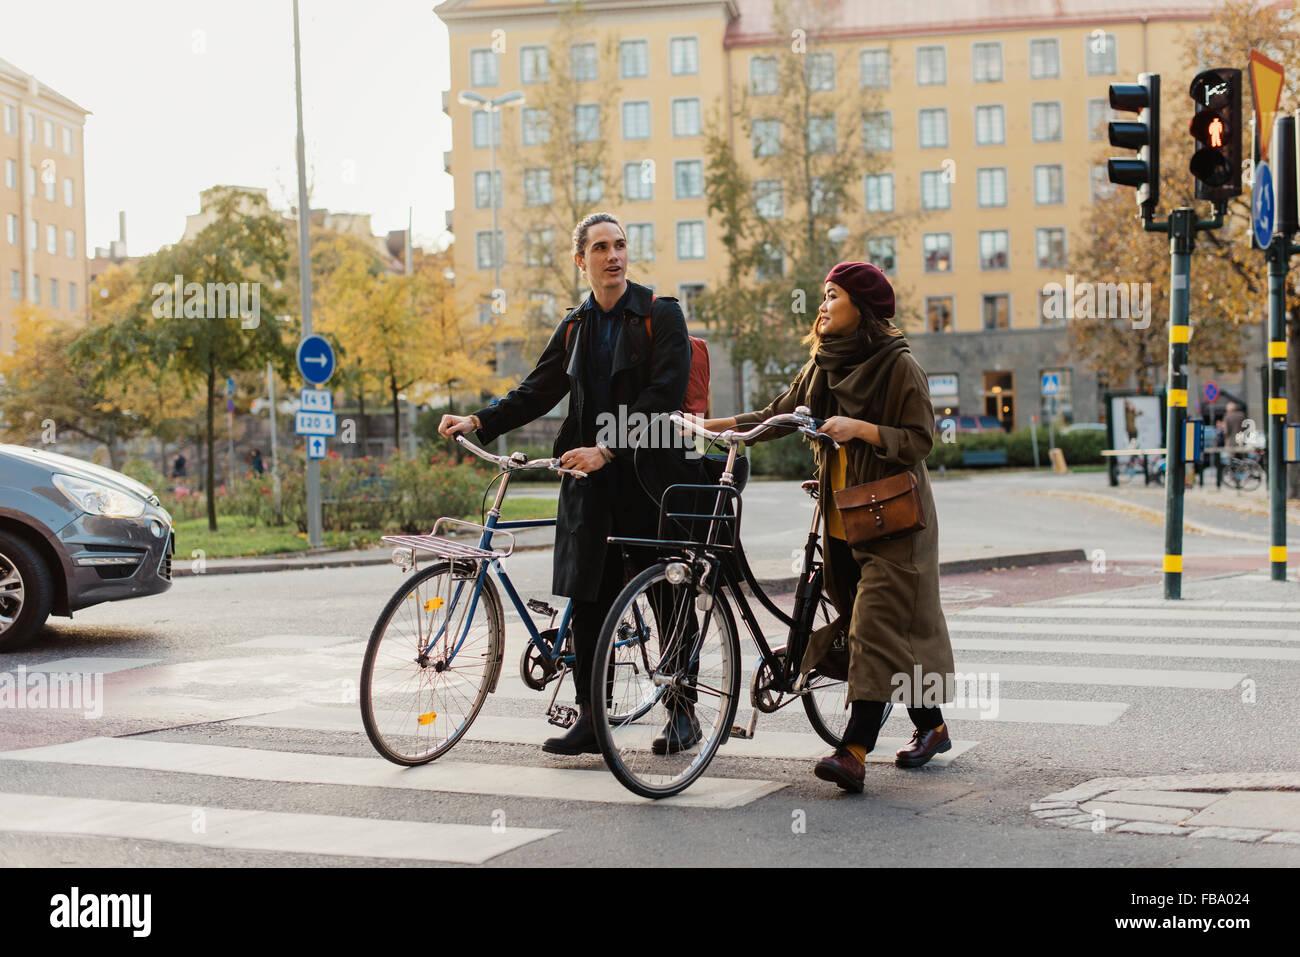 Schweden, Uppland, Stockholm, Vasastan, Vanadisplan, zwei Jugendliche mit Fahrrädern zu Fuß durch Zebrastreifen Stockbild